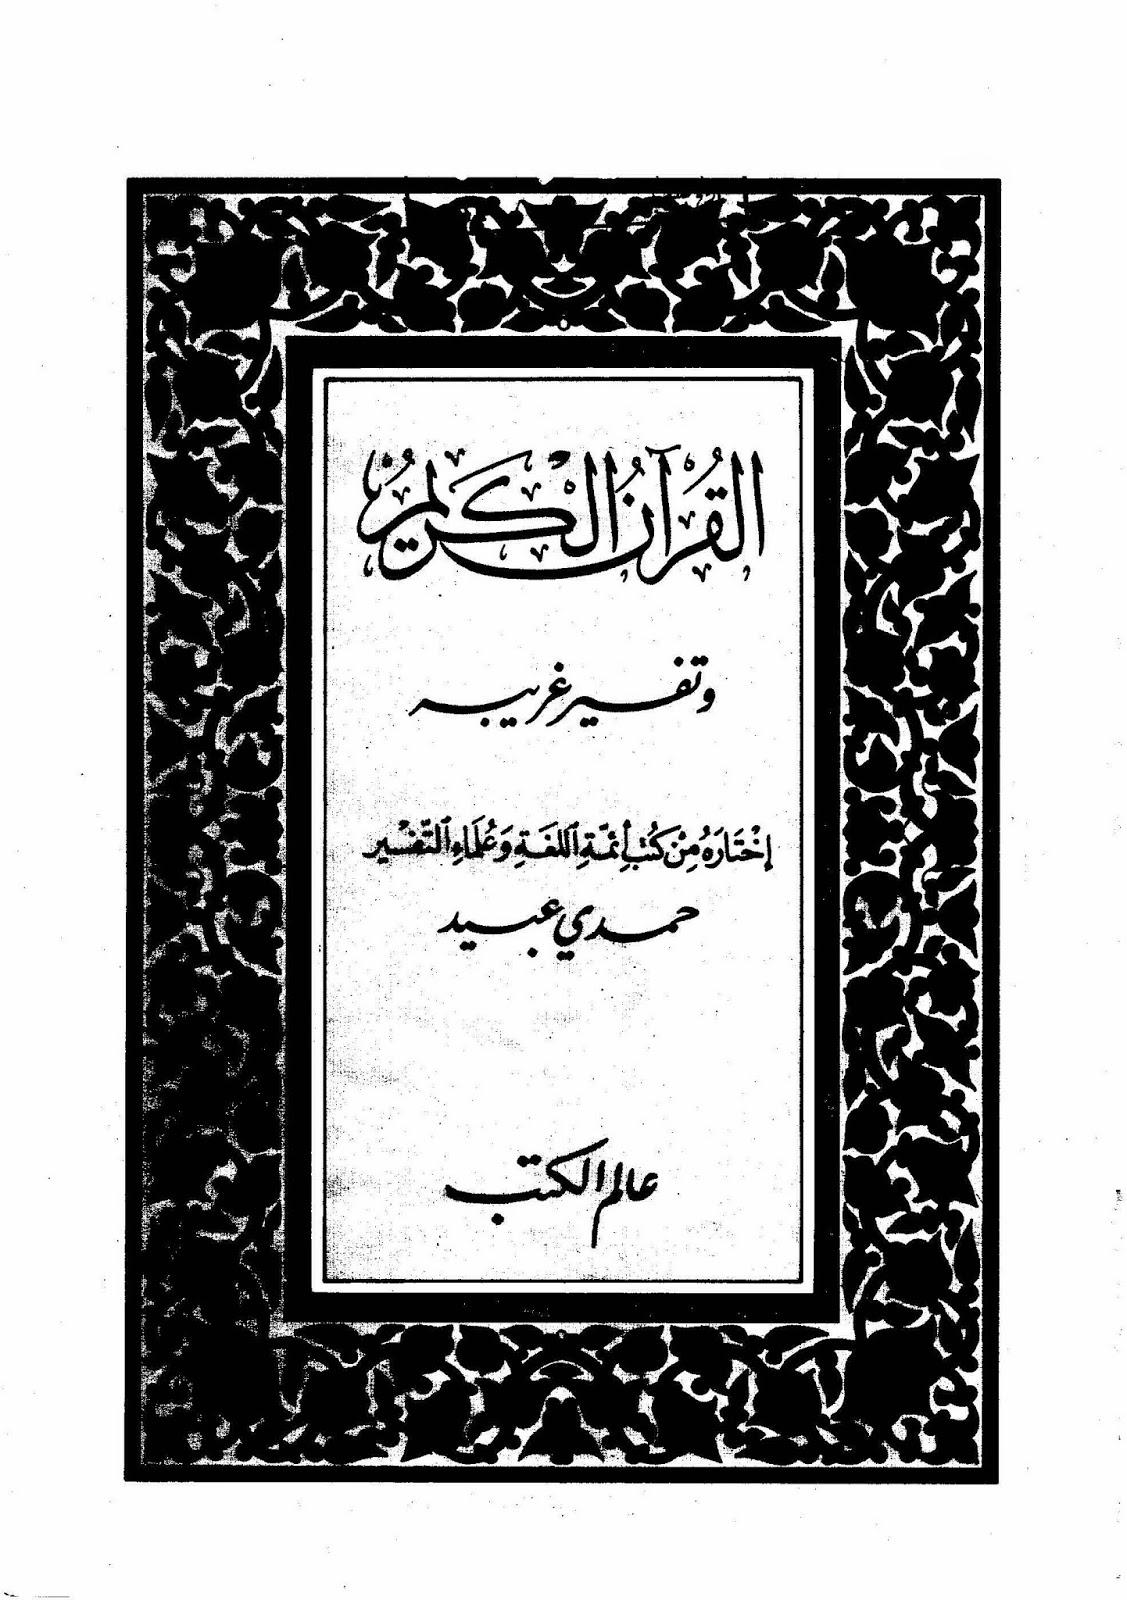 القرآن الكريم وتفسير غريبه - حمدي عبيد pdf